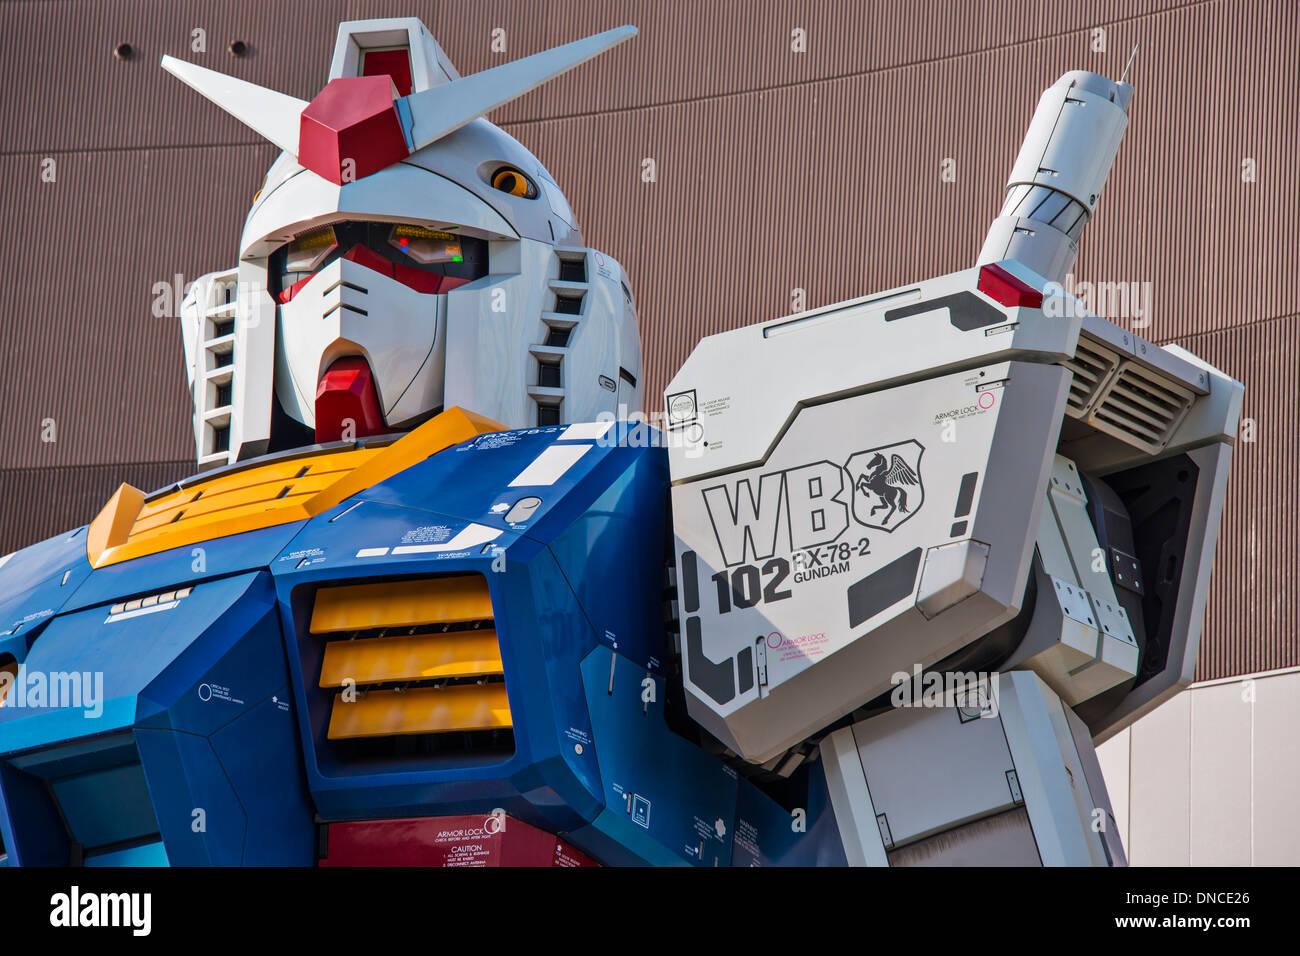 Gundam Replica in Tokyo, Japan. - Stock Image